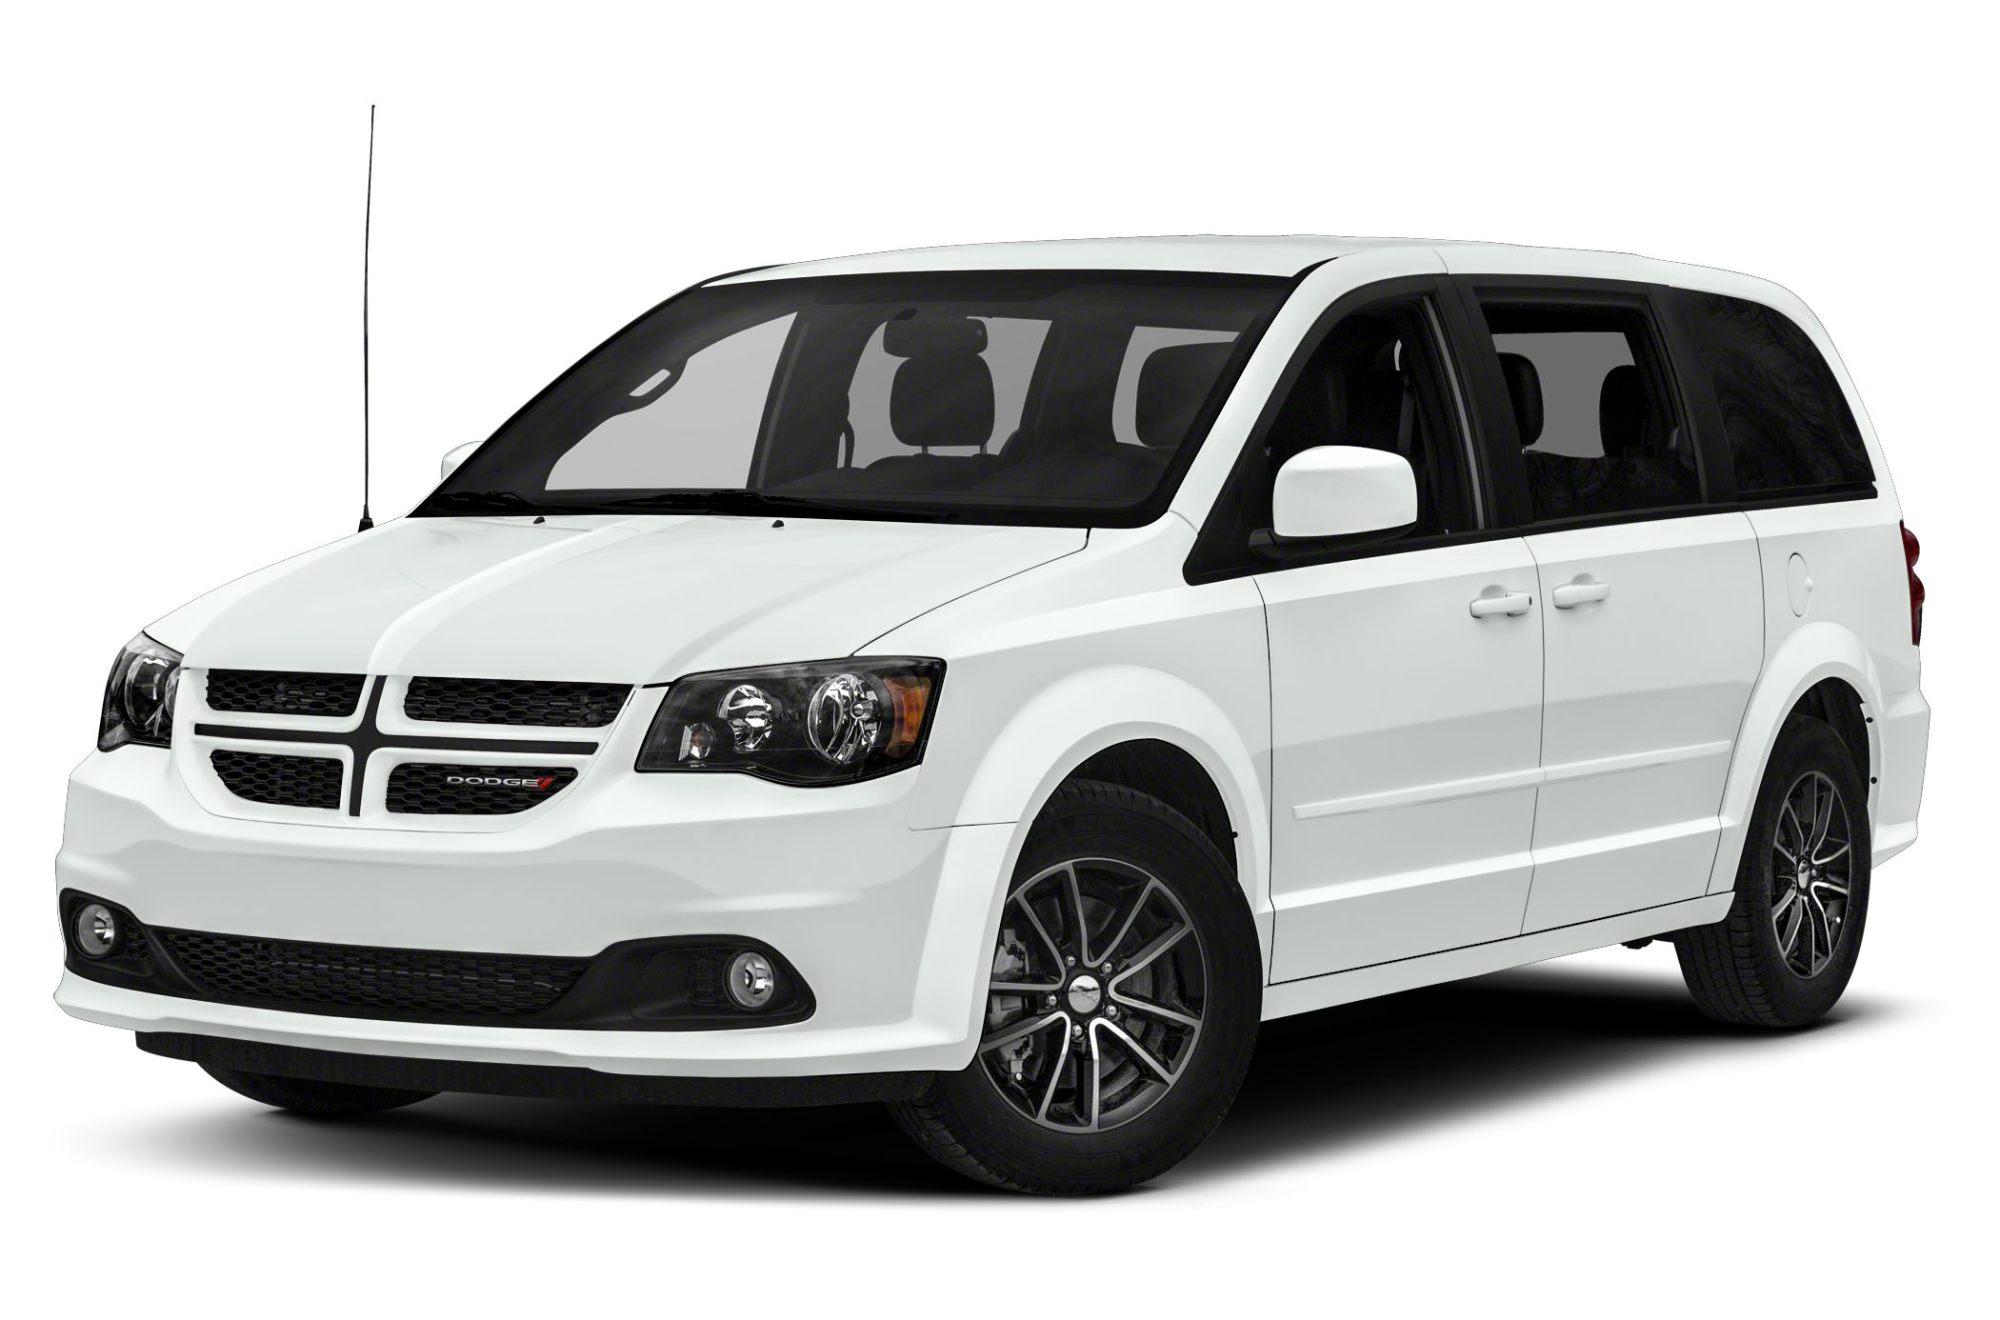 hight resolution of 2017 dodge grand caravan gt front wheel drive passenger van specs and prices